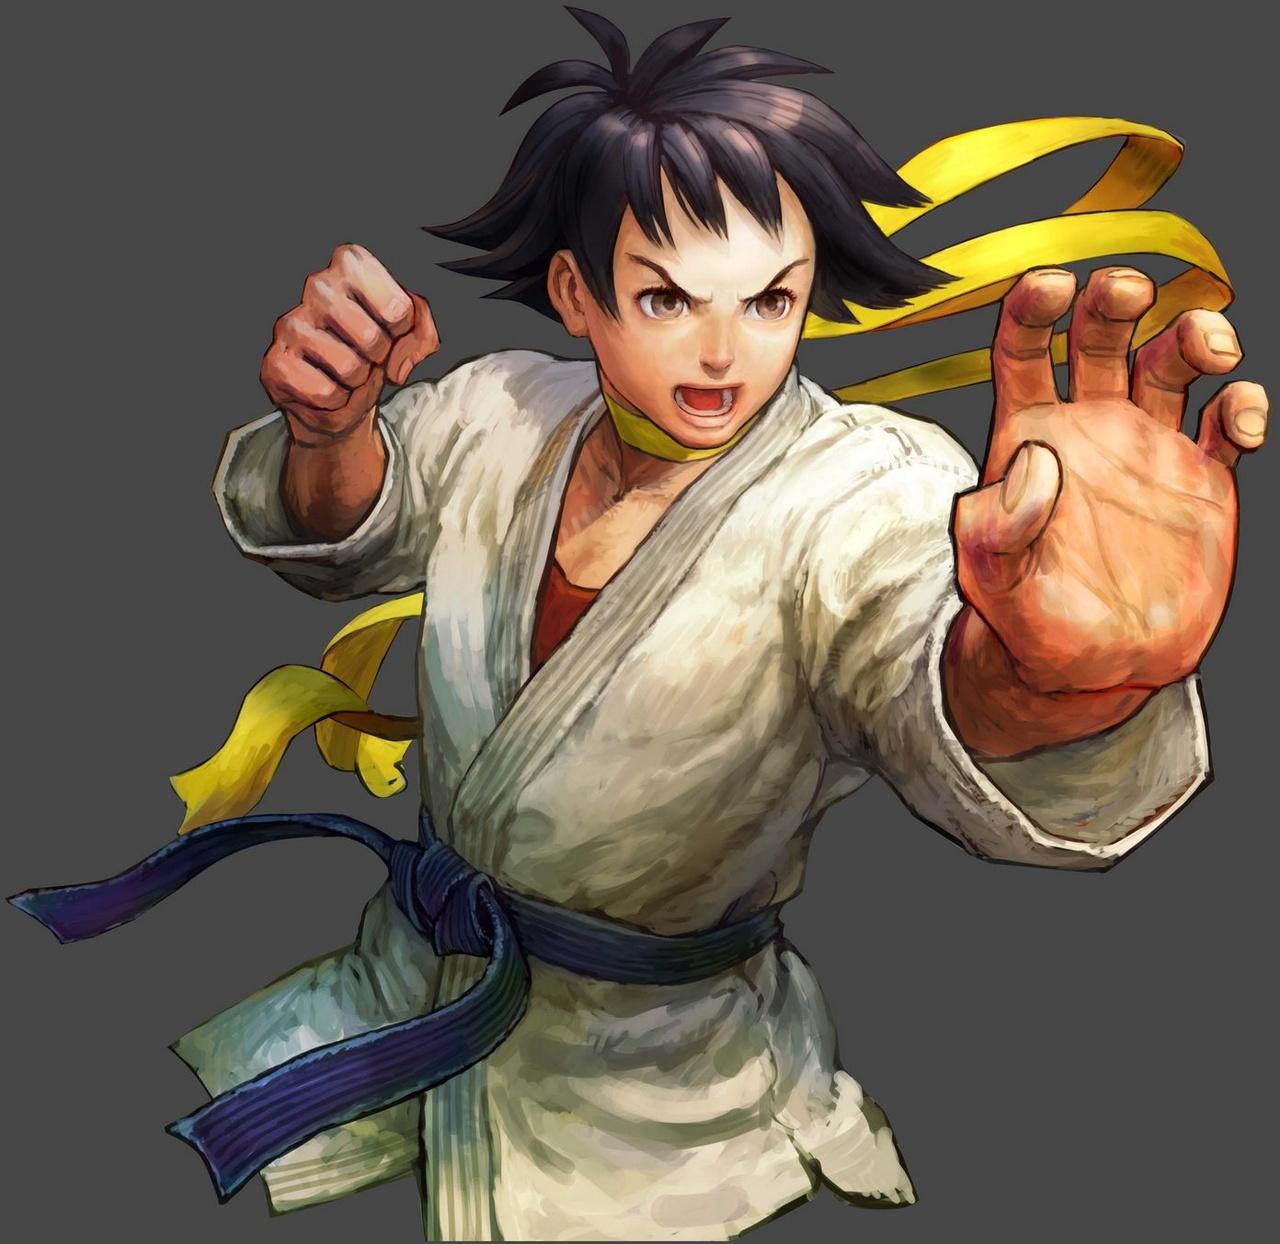 http://4.bp.blogspot.com/_edCzE2FBkL8/TShXeQ8Ek0I/AAAAAAAAAAM/6N8x4Ll64uw/s1600/super-street-fighter-4-makoto-wallpaper.jpg